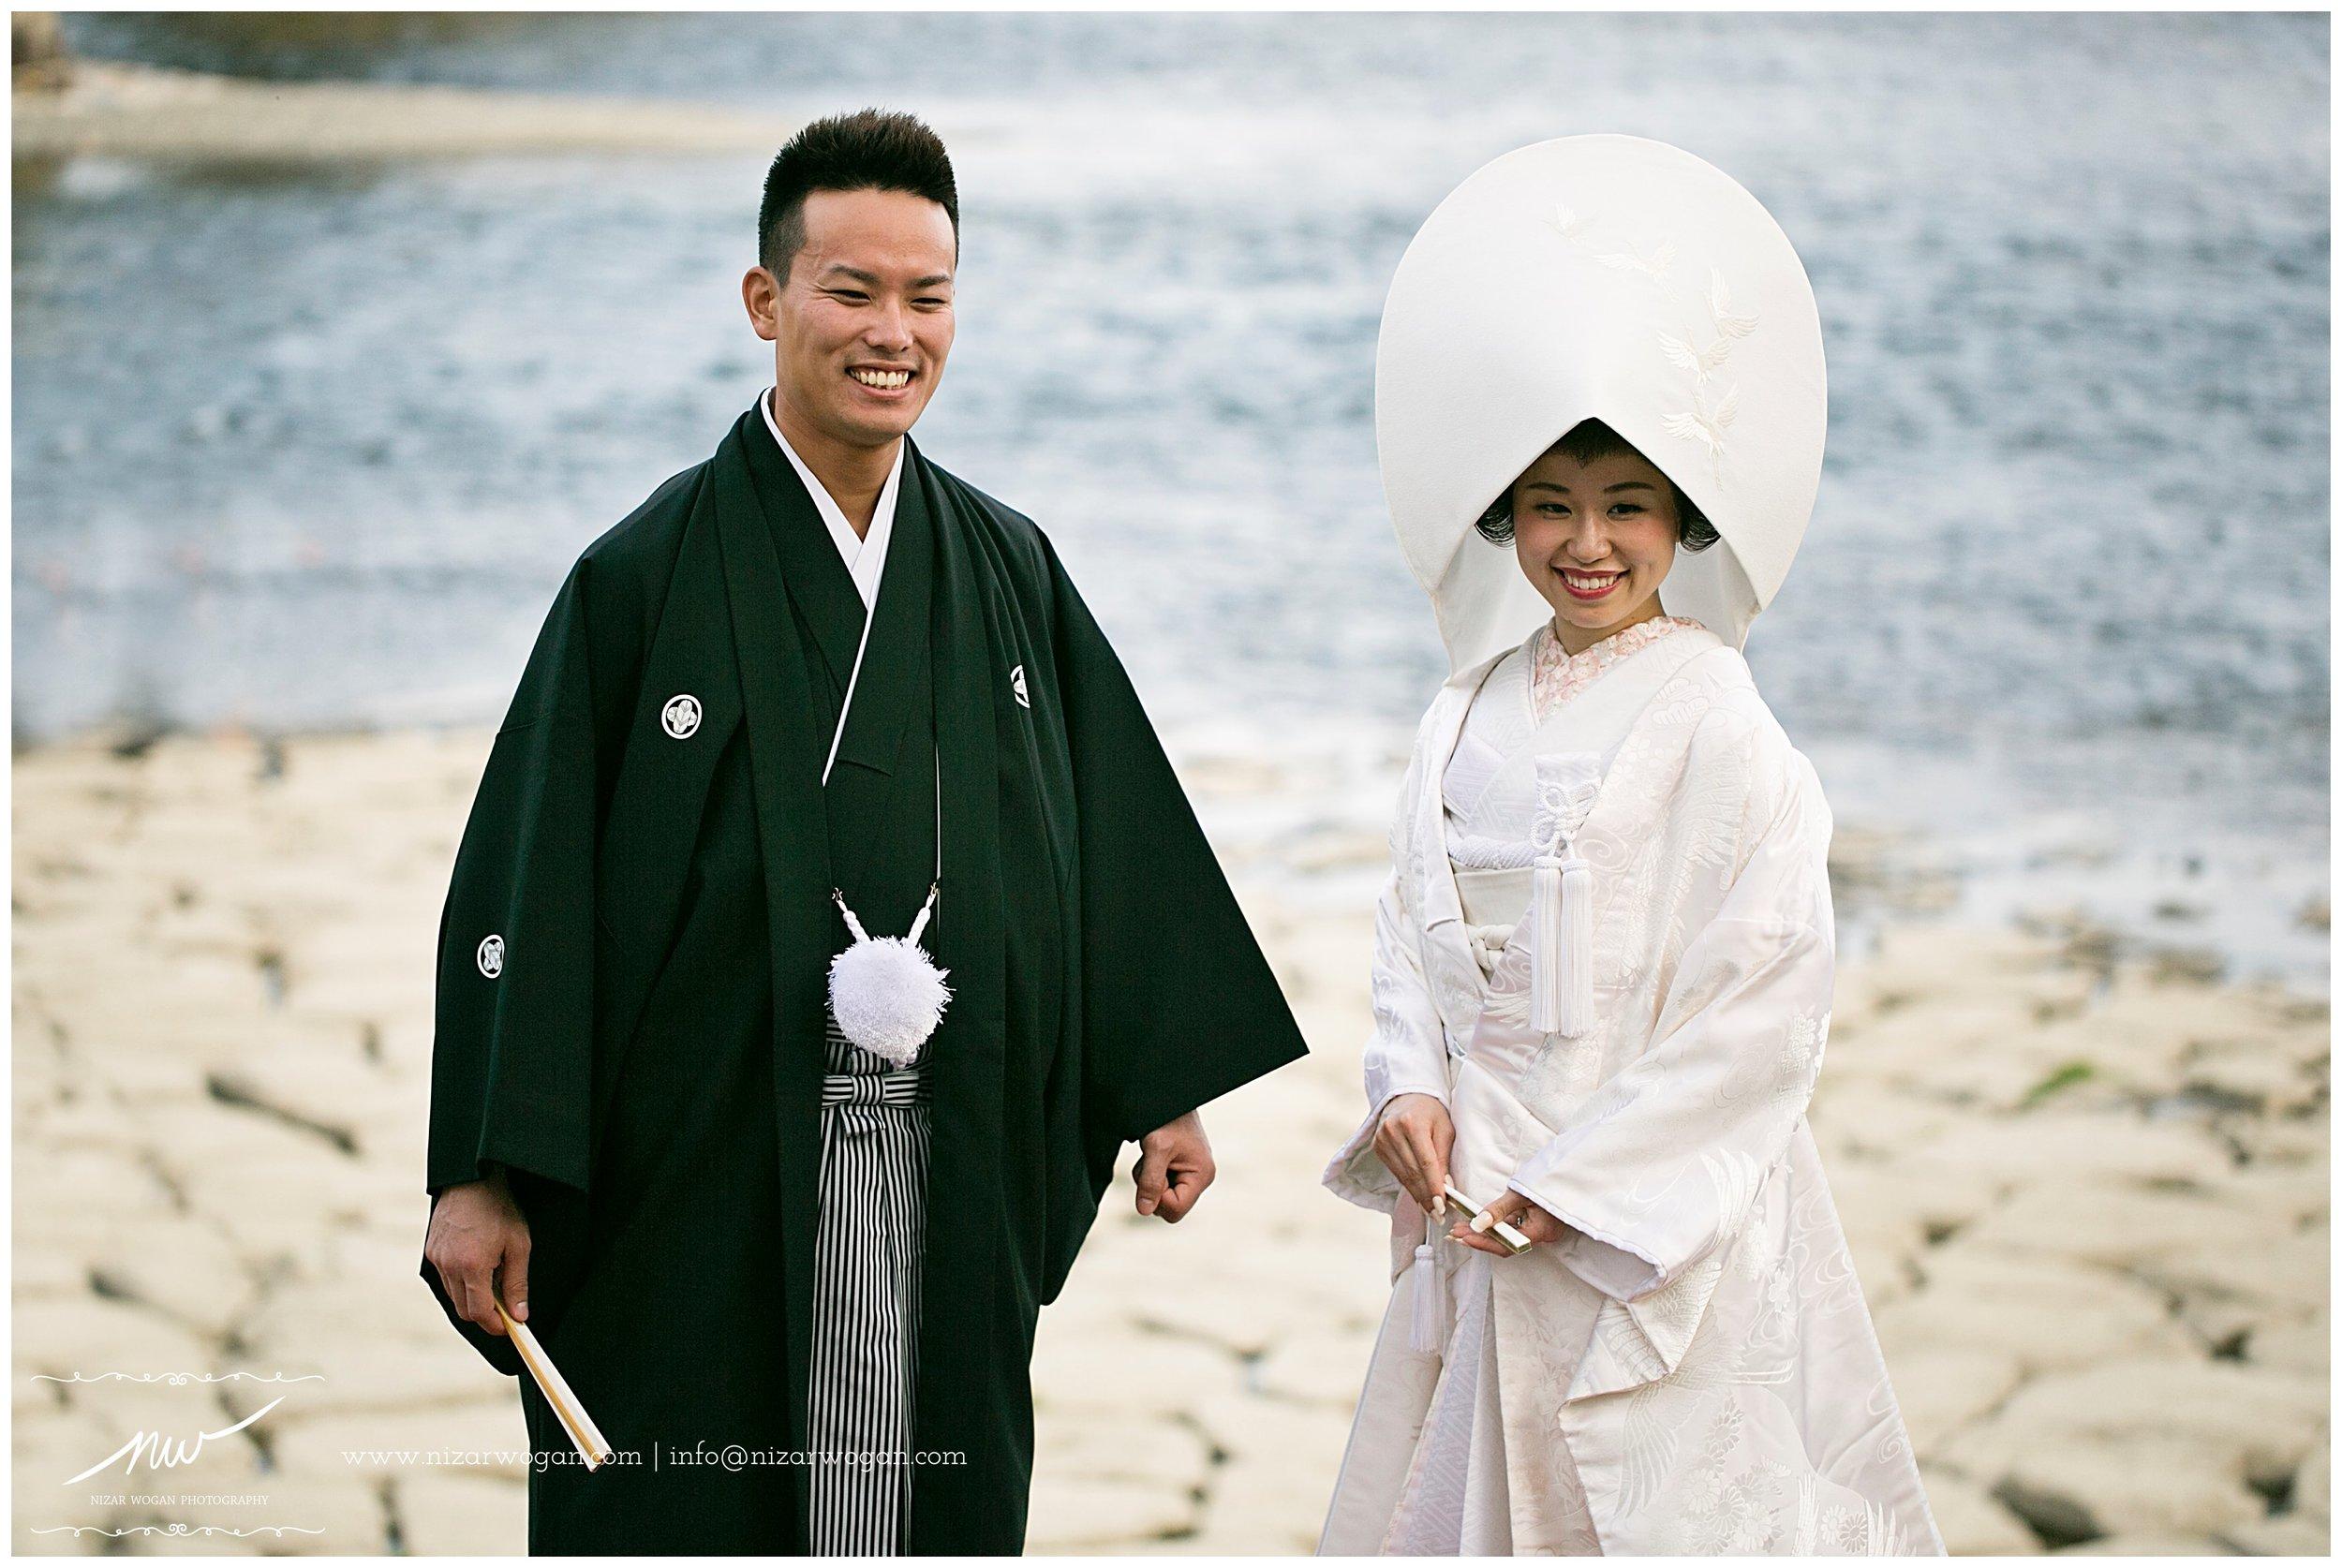 This couple was taking their pre-wedding pictures during the beautiful sakura season.